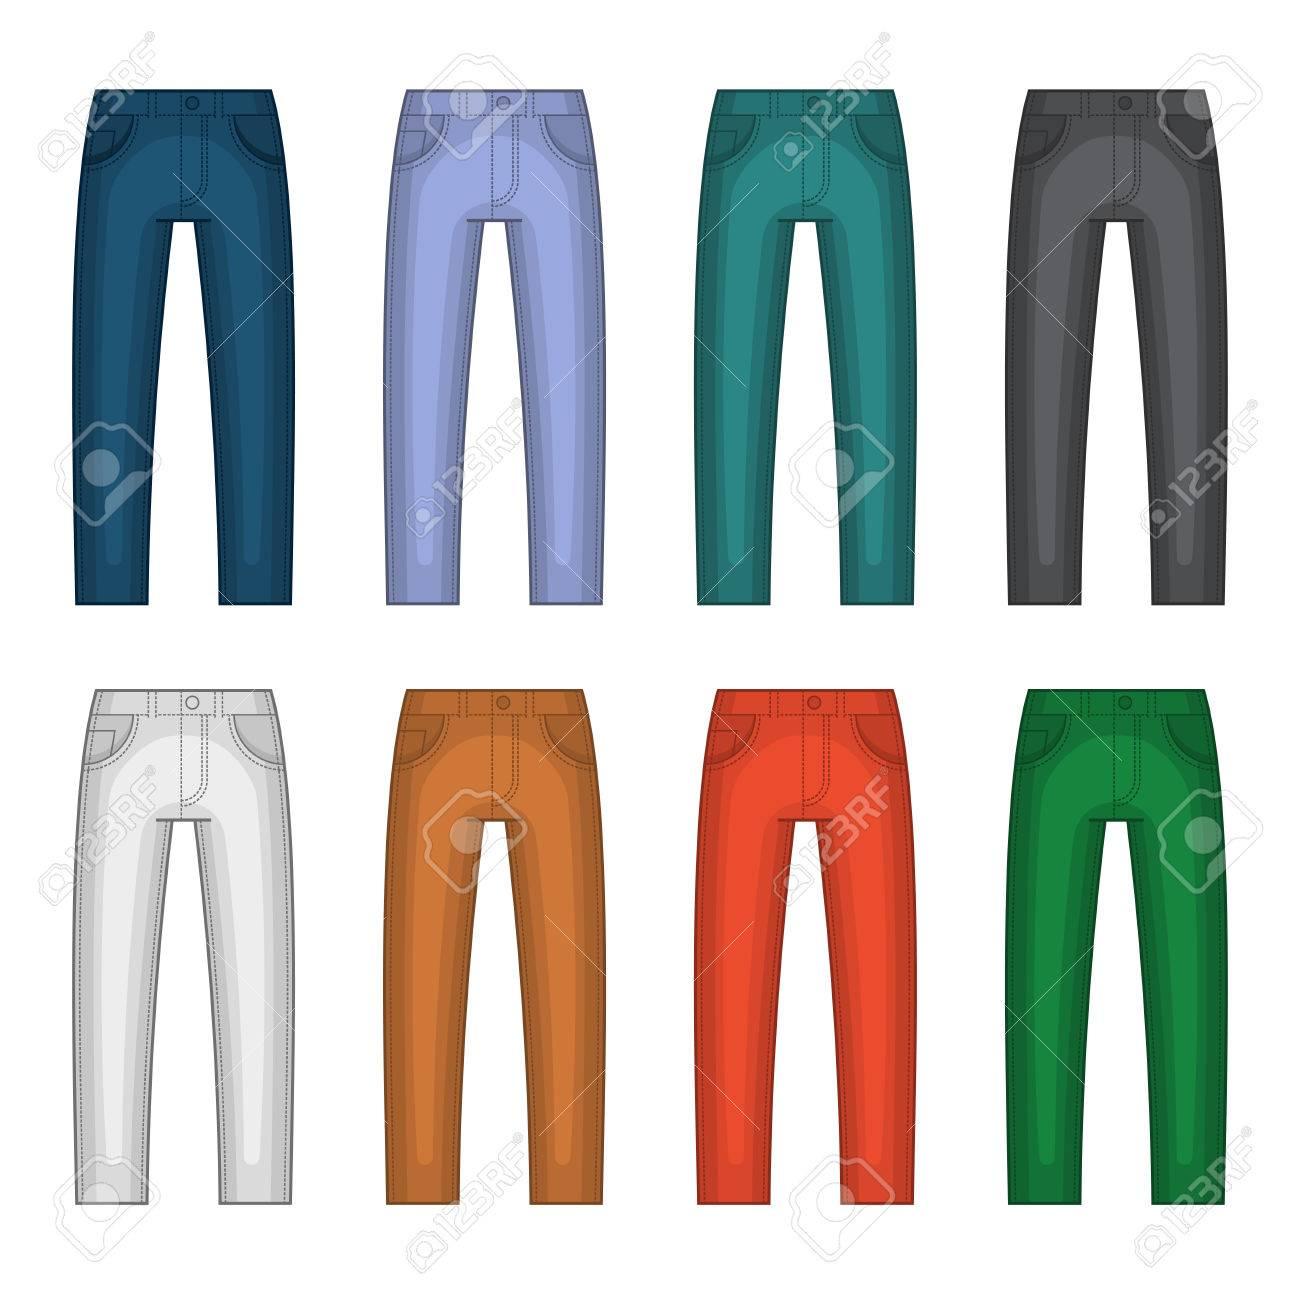 c81744116 Denim Jeans diverso sistema de colores. ilustración vectorial